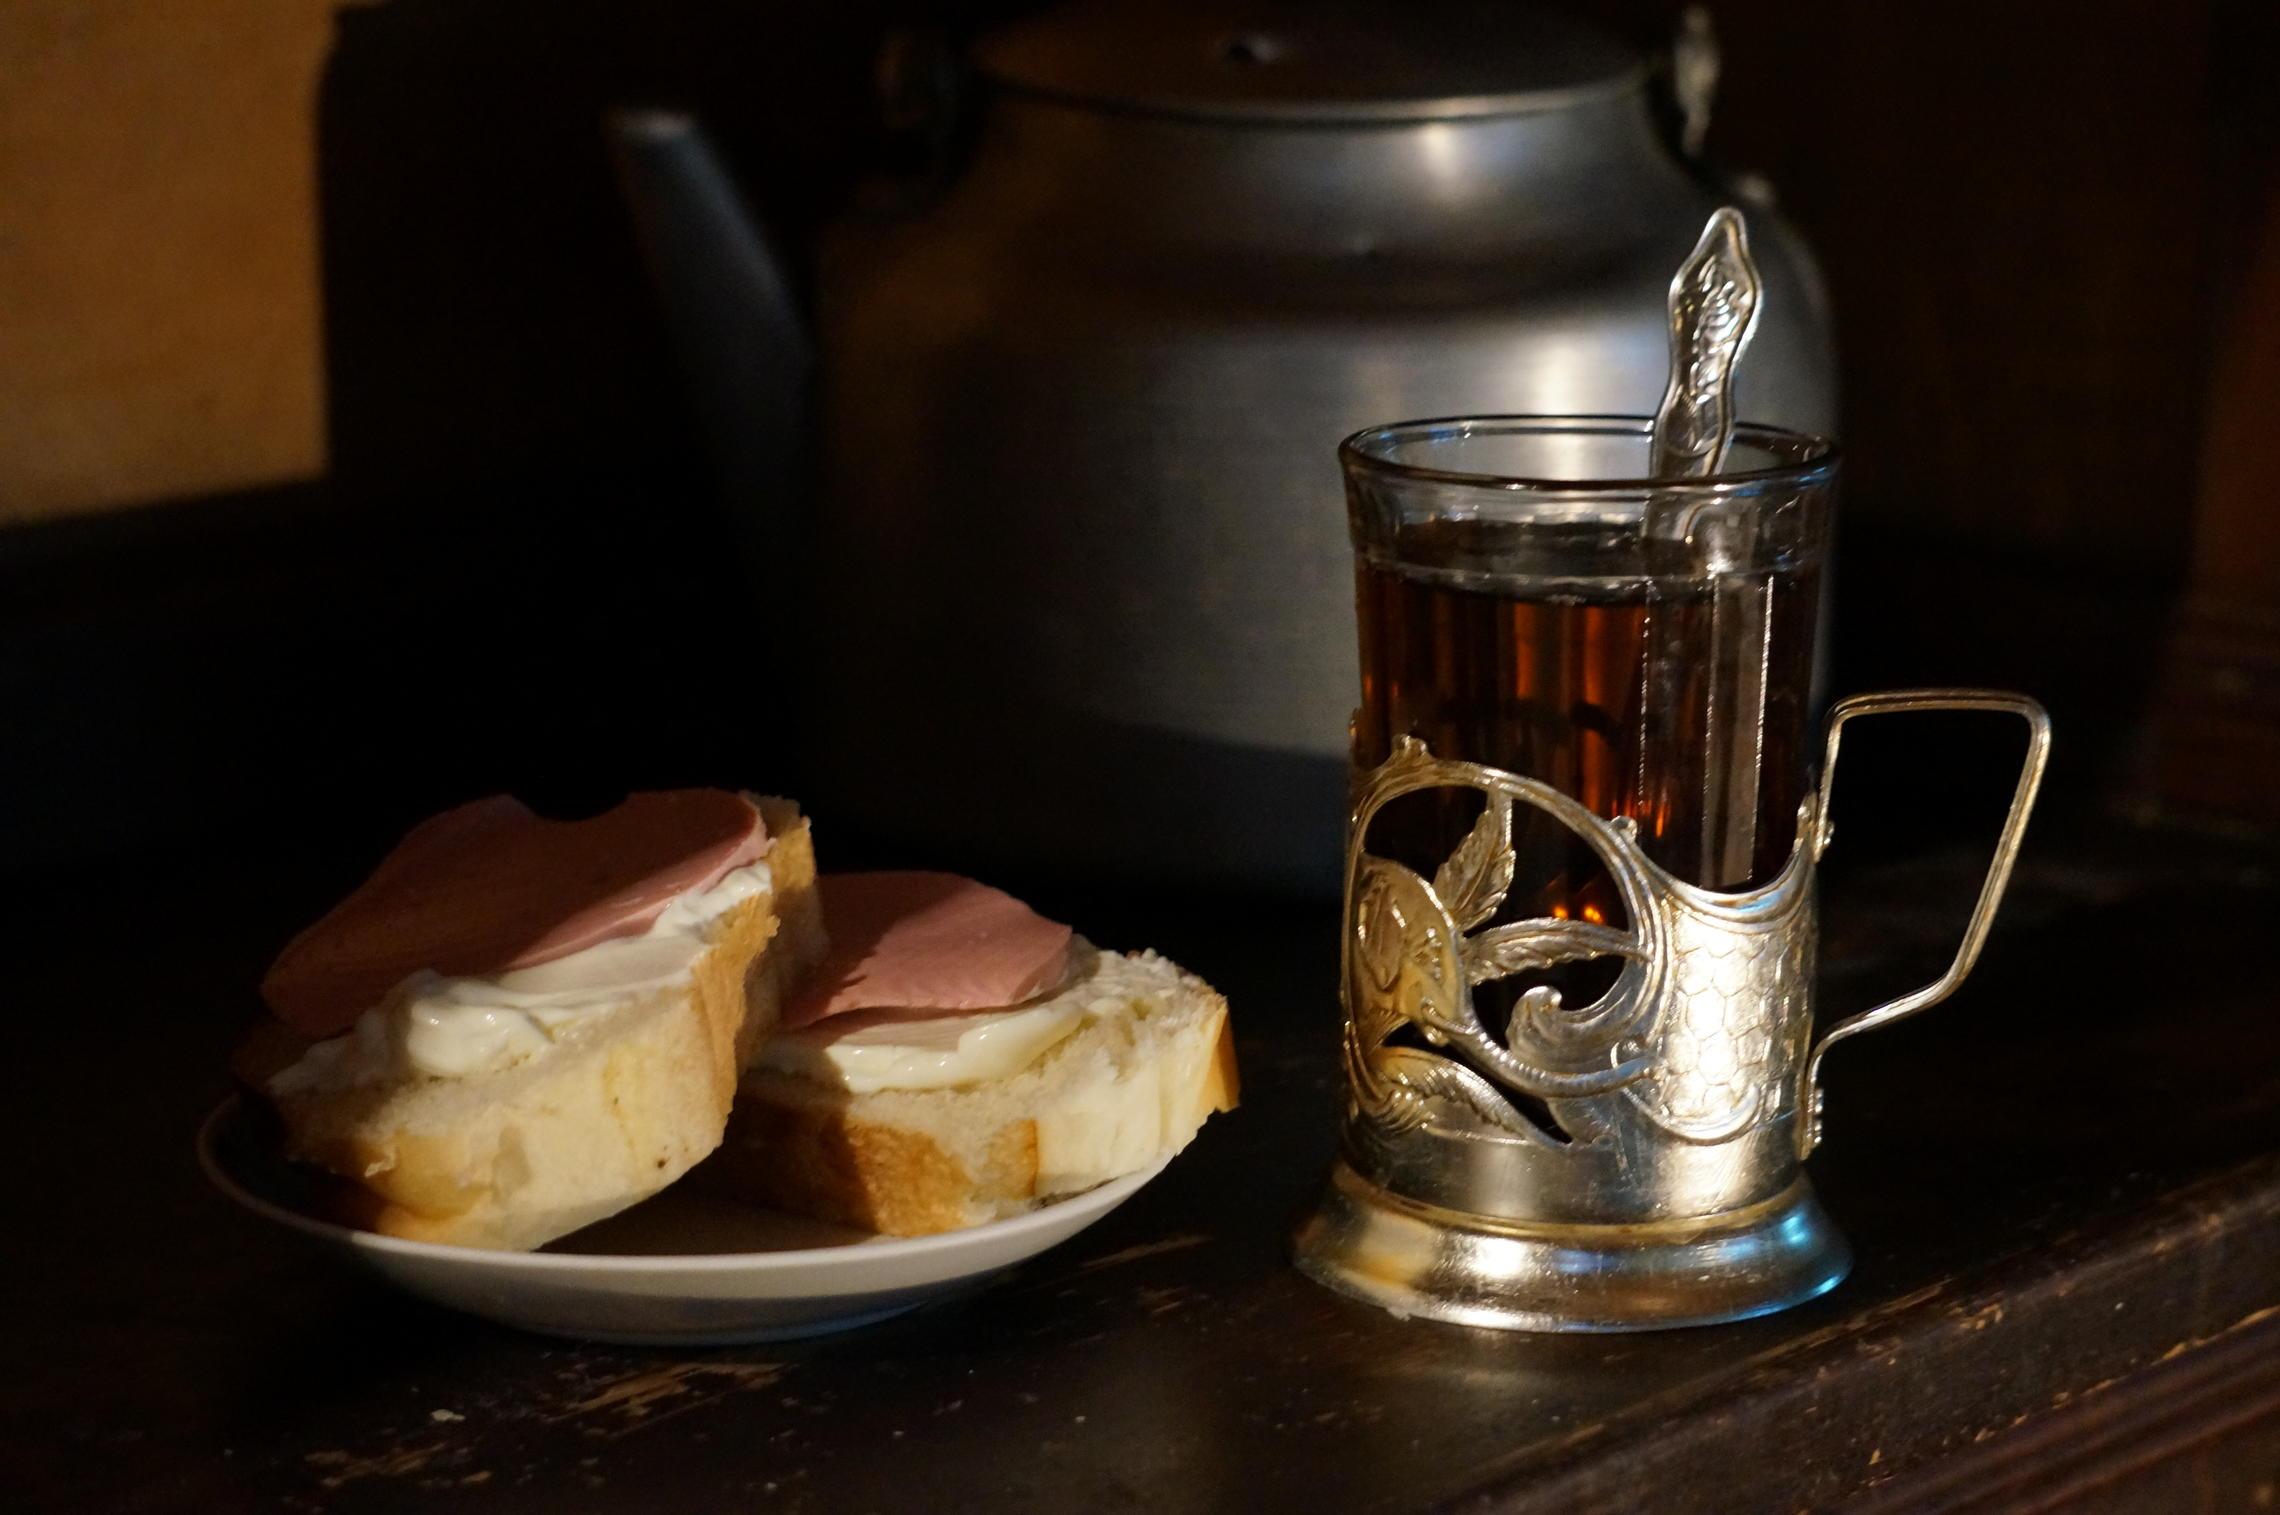 картинки колбаса в чае вообще, итальянцы